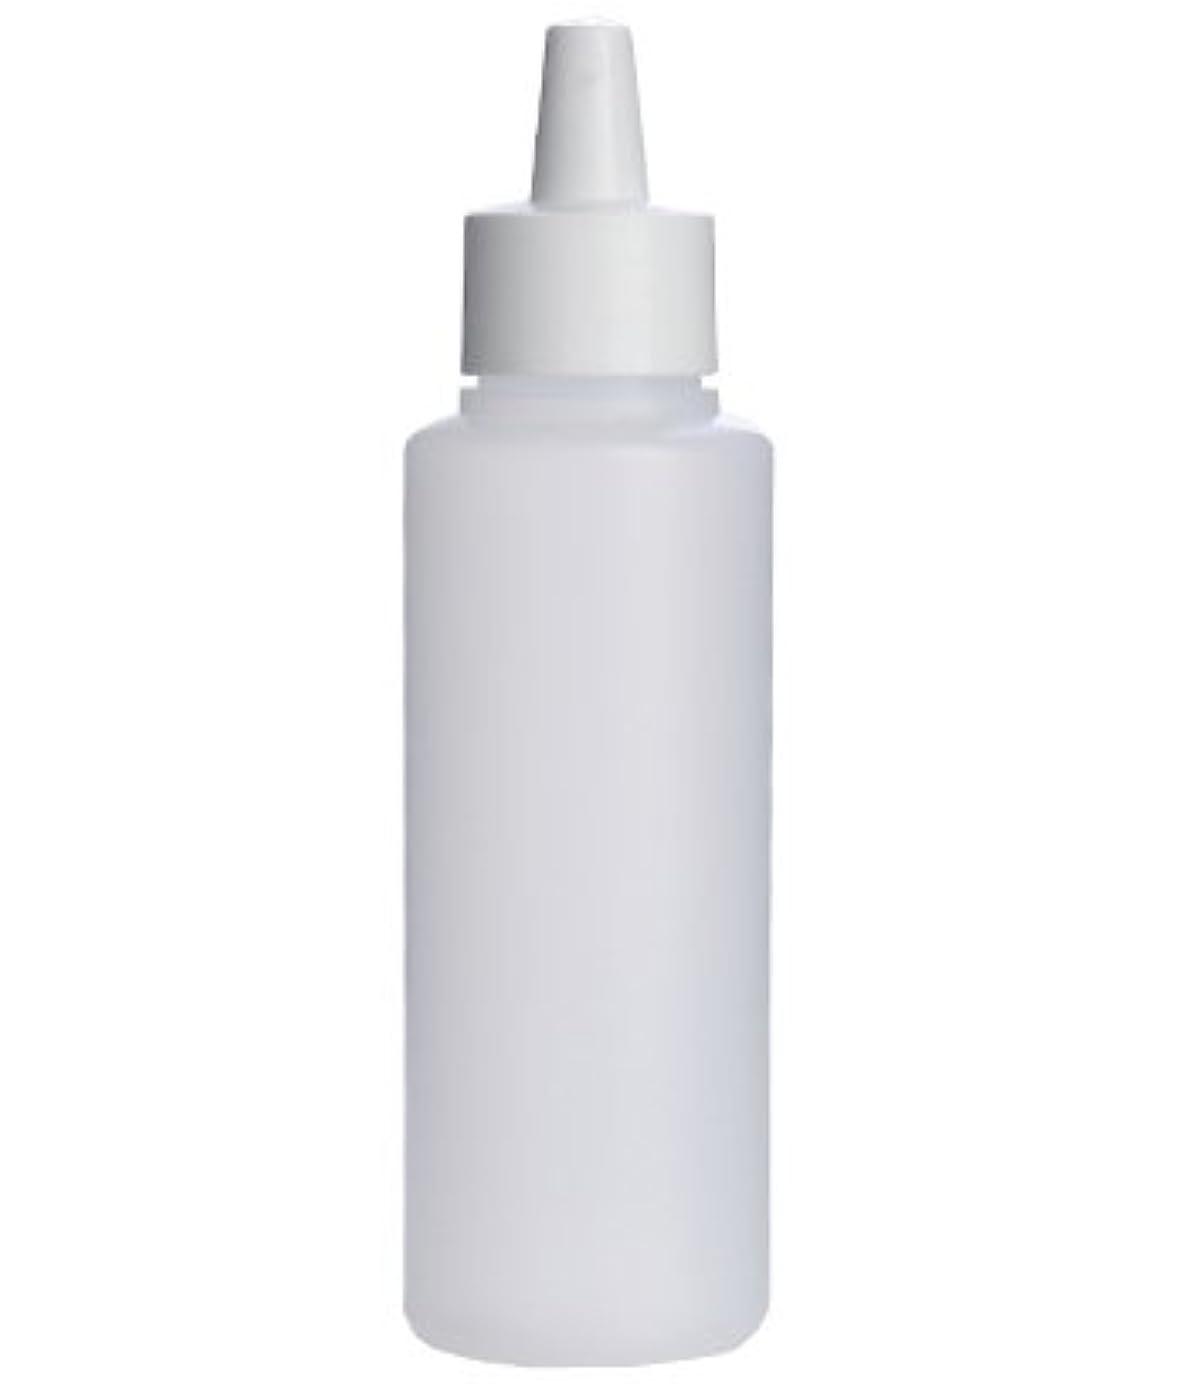 寝室を掃除するコミットメント二十フロストプラボトル?トンガリキャップ[100ml]/10個